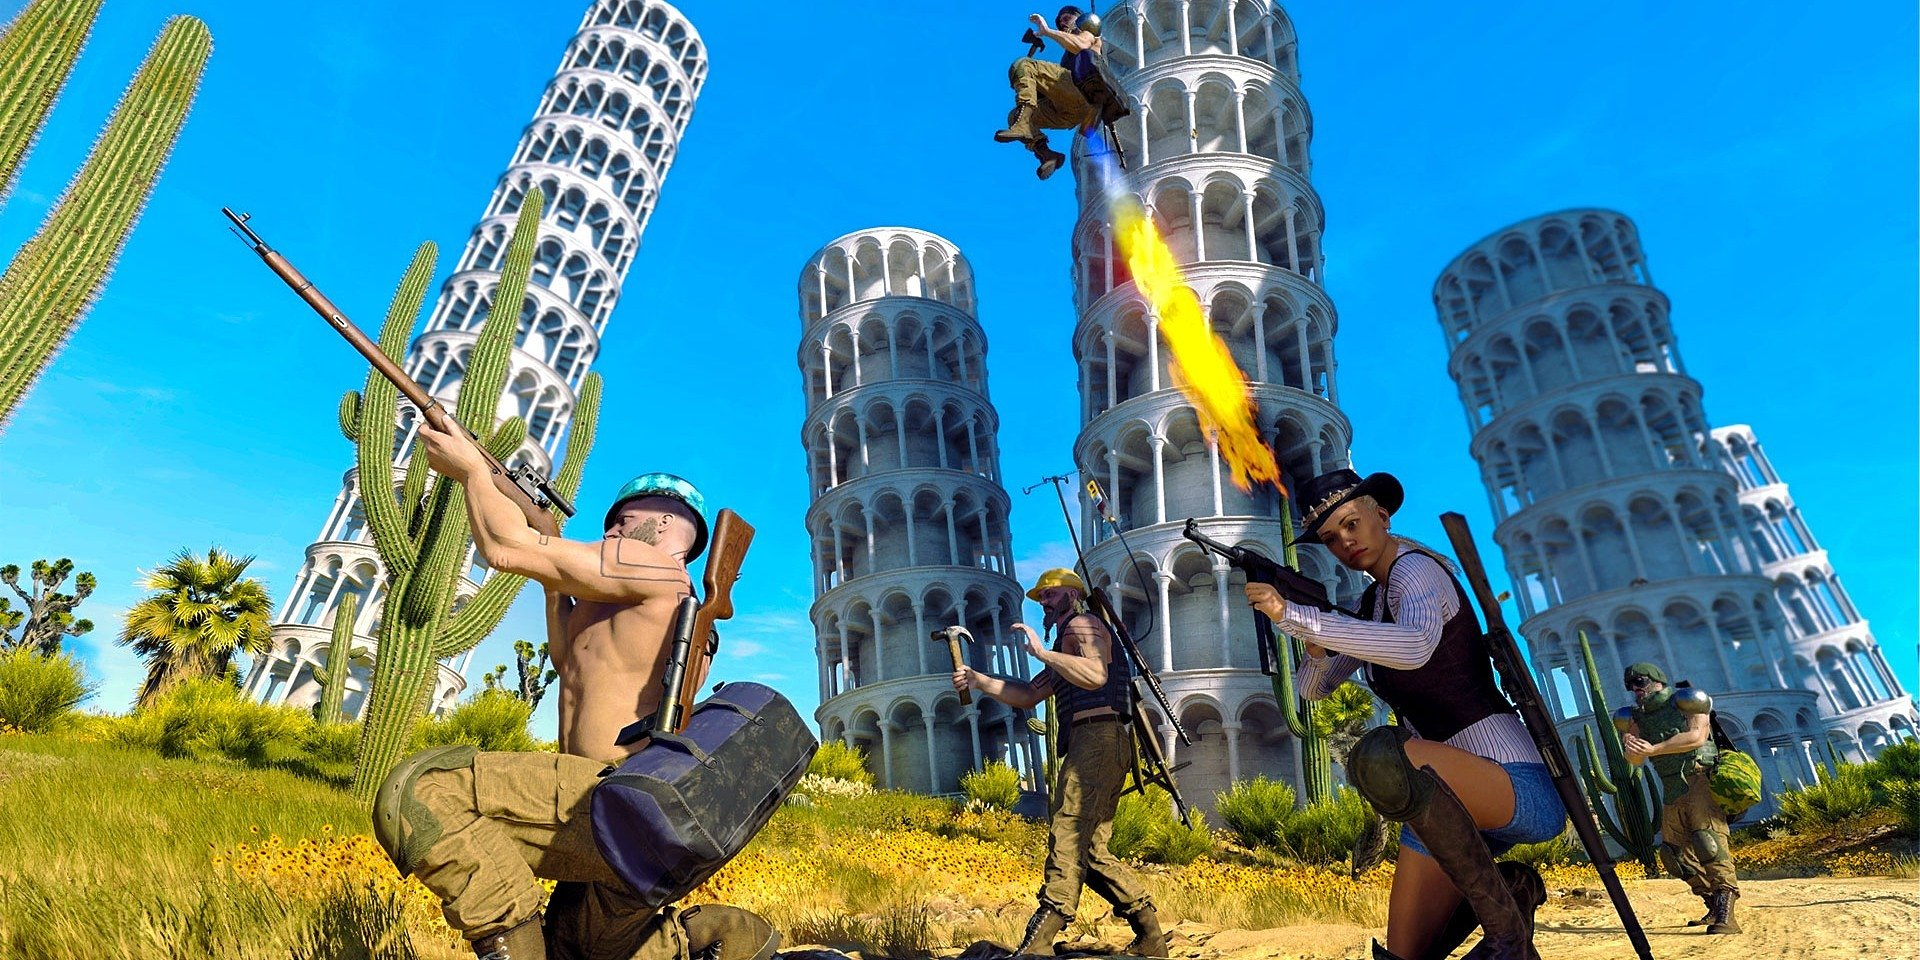 F.A.R.T. Knight játékosok fokozzák dühüket és repülésüket